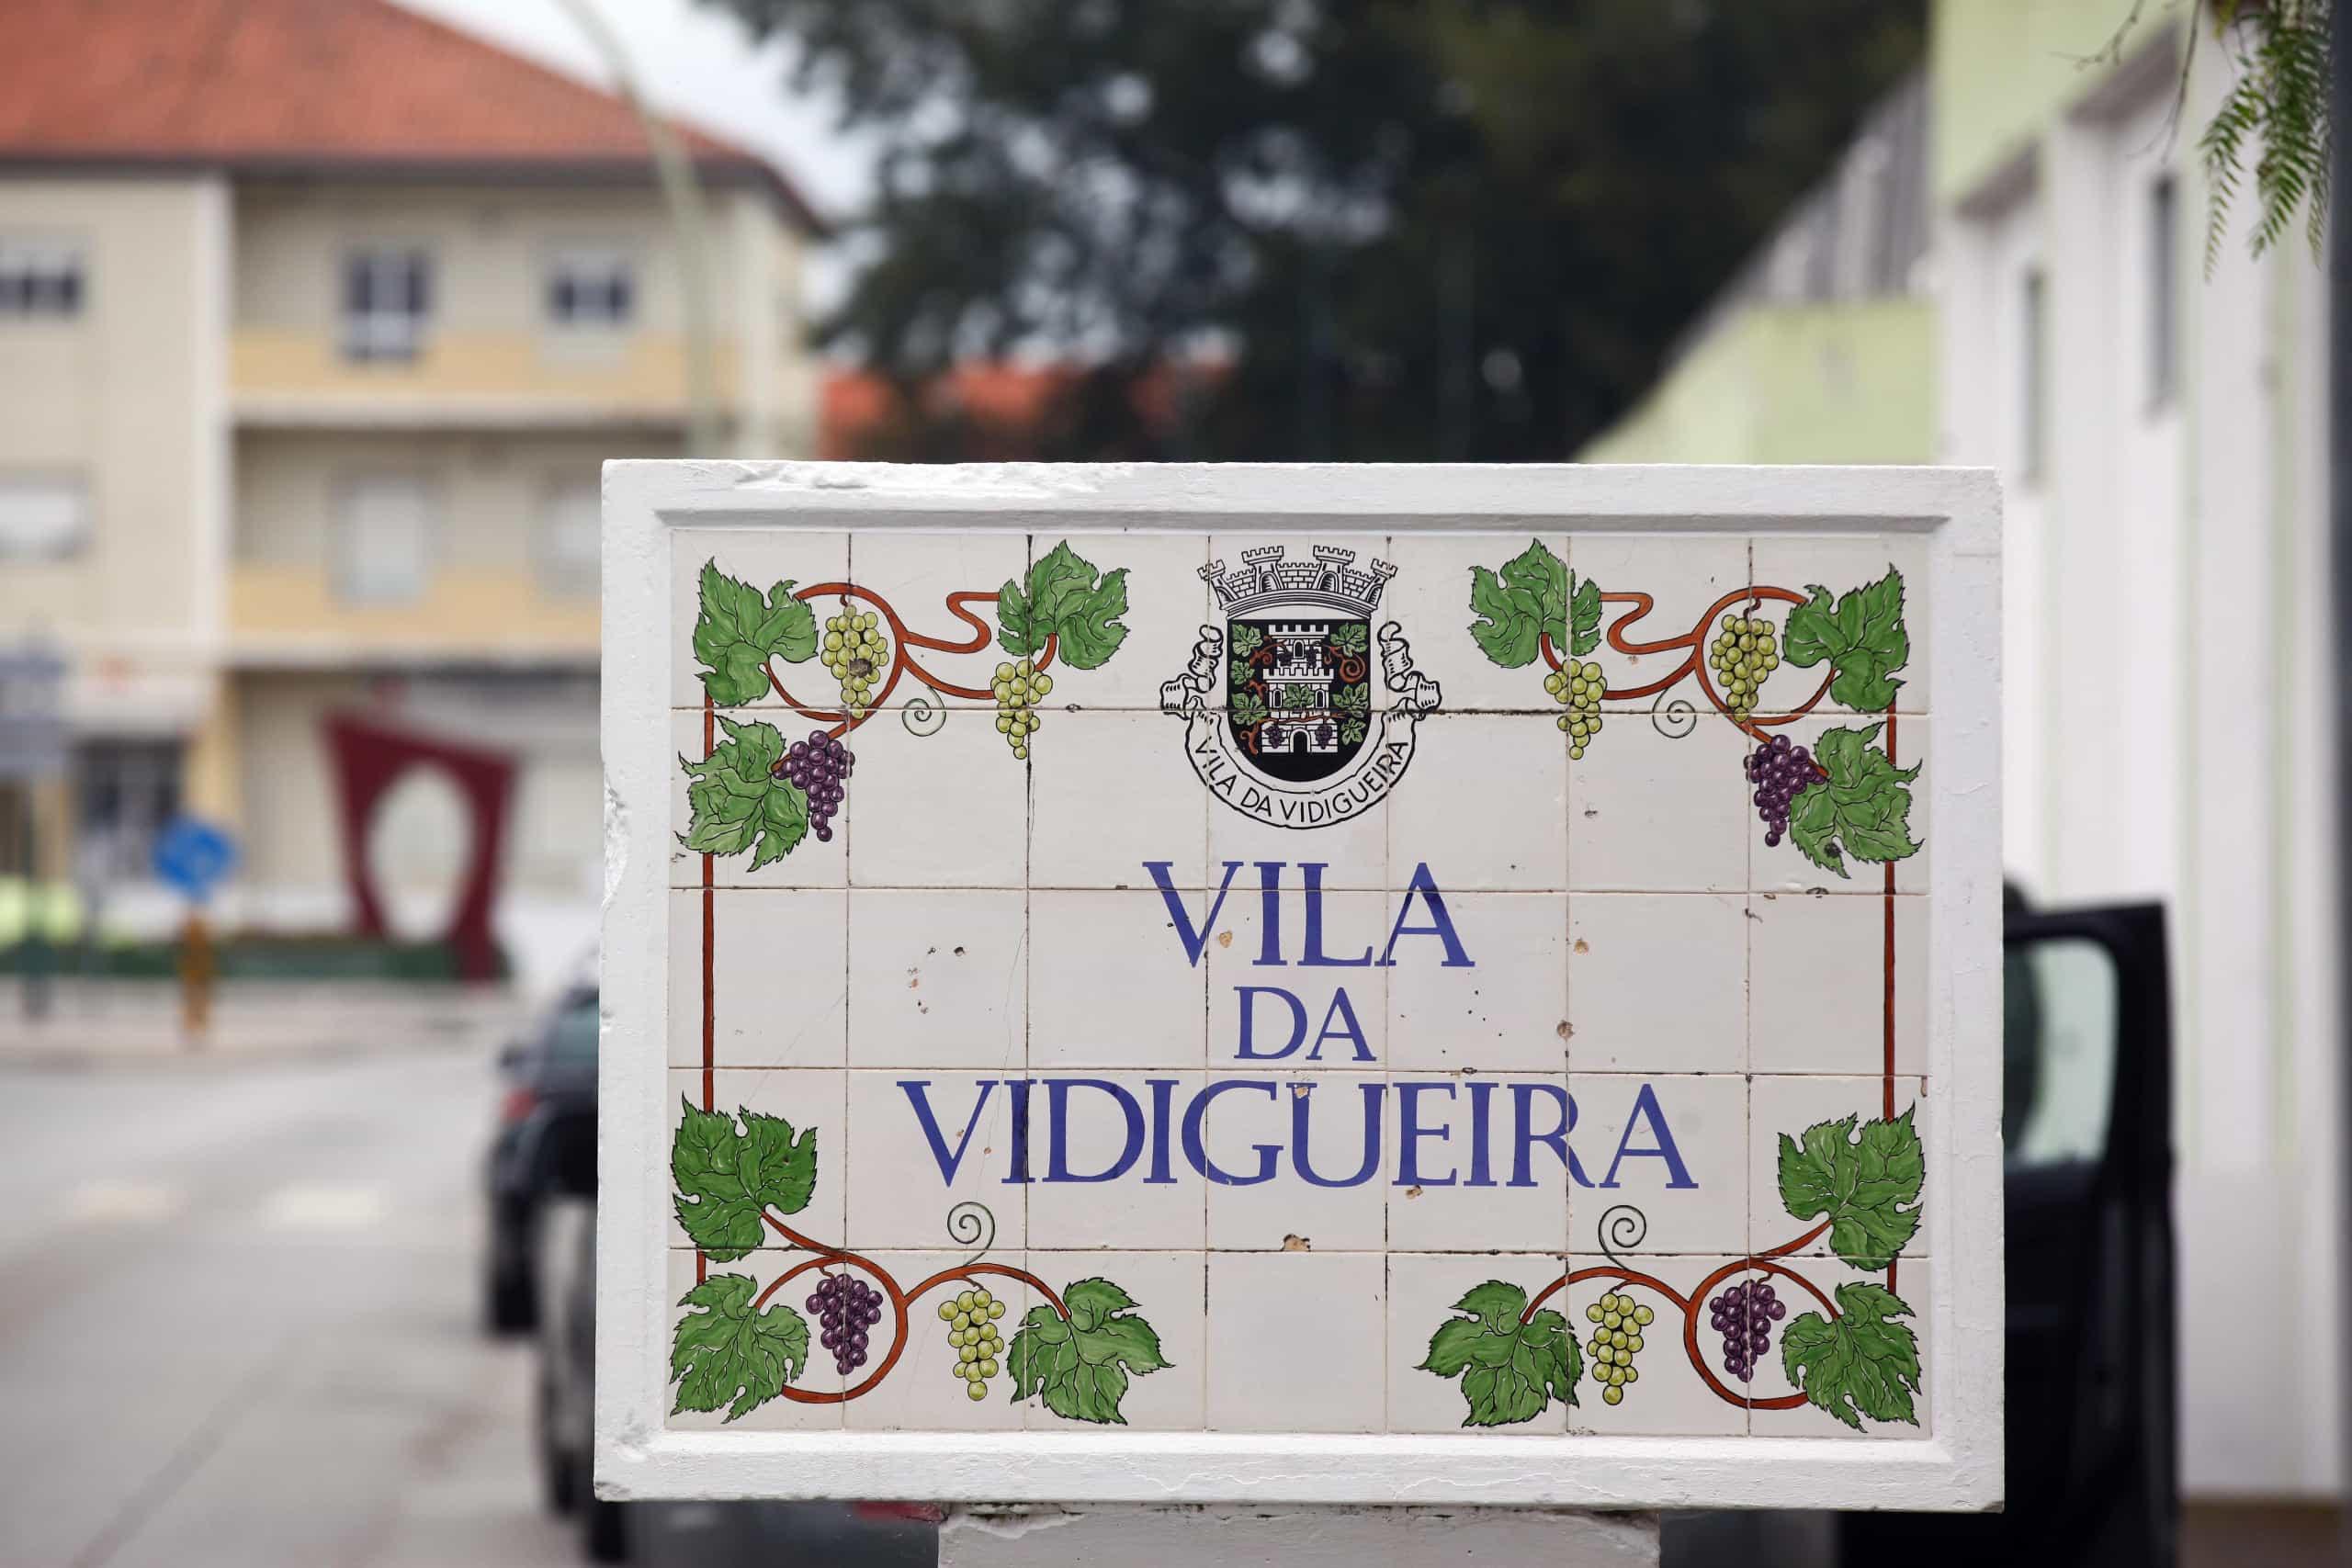 Marcha lenta contra degradação de estradas partiu de Vidigueira